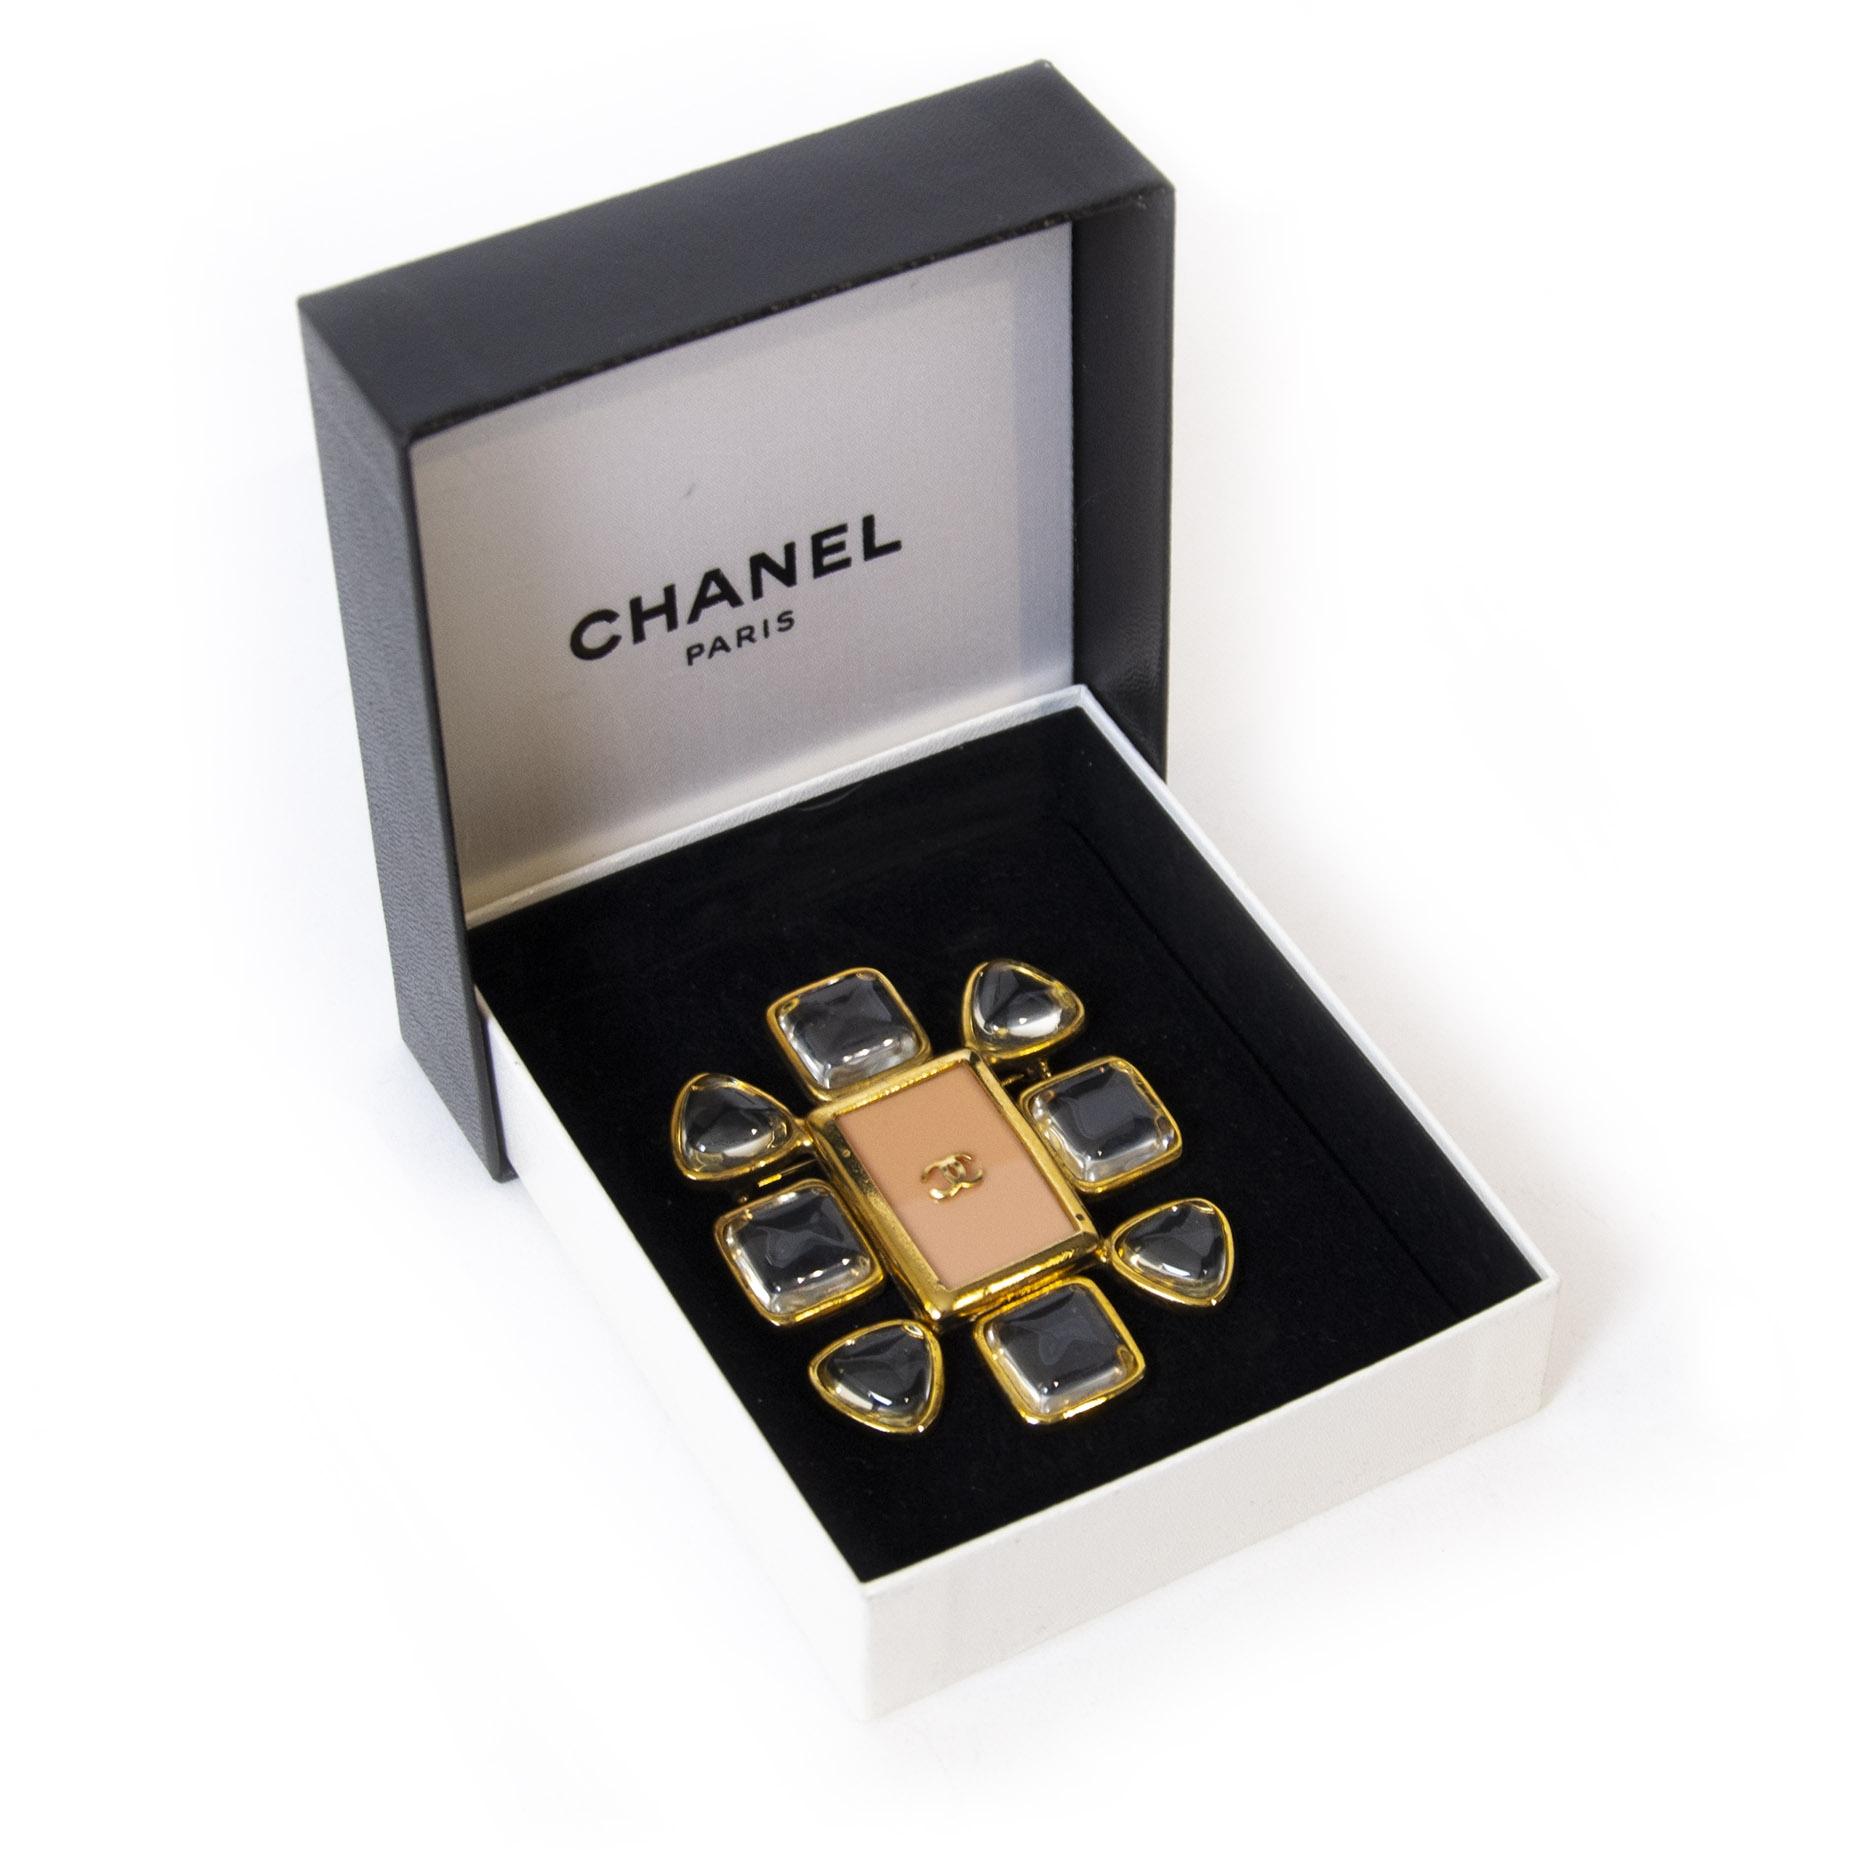 Authentieke tweedehands Chanel Vintage Pink Flower Brooch juiste prijs veilig online winkelen LabelLOV webshop luxe merken winkelen Antwerpen België mode fashion